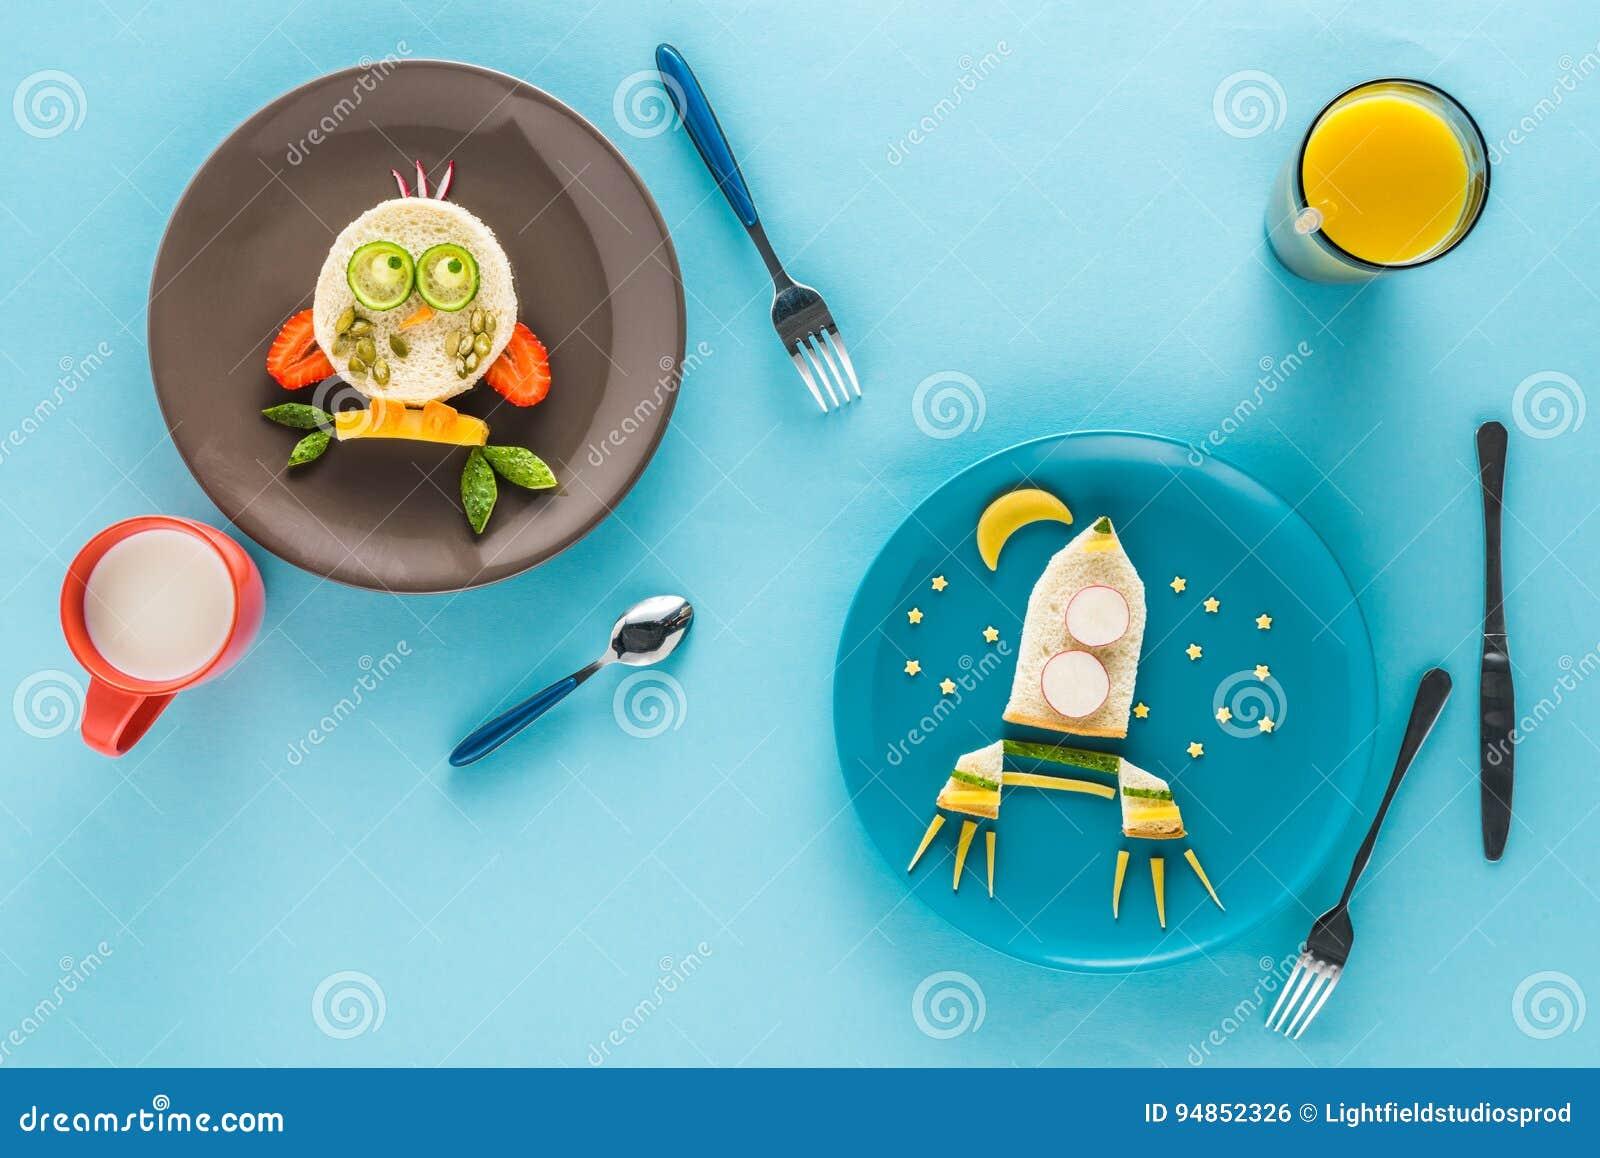 Vlak leg met creatief gestileerd kinderen` s ontbijt met dranken